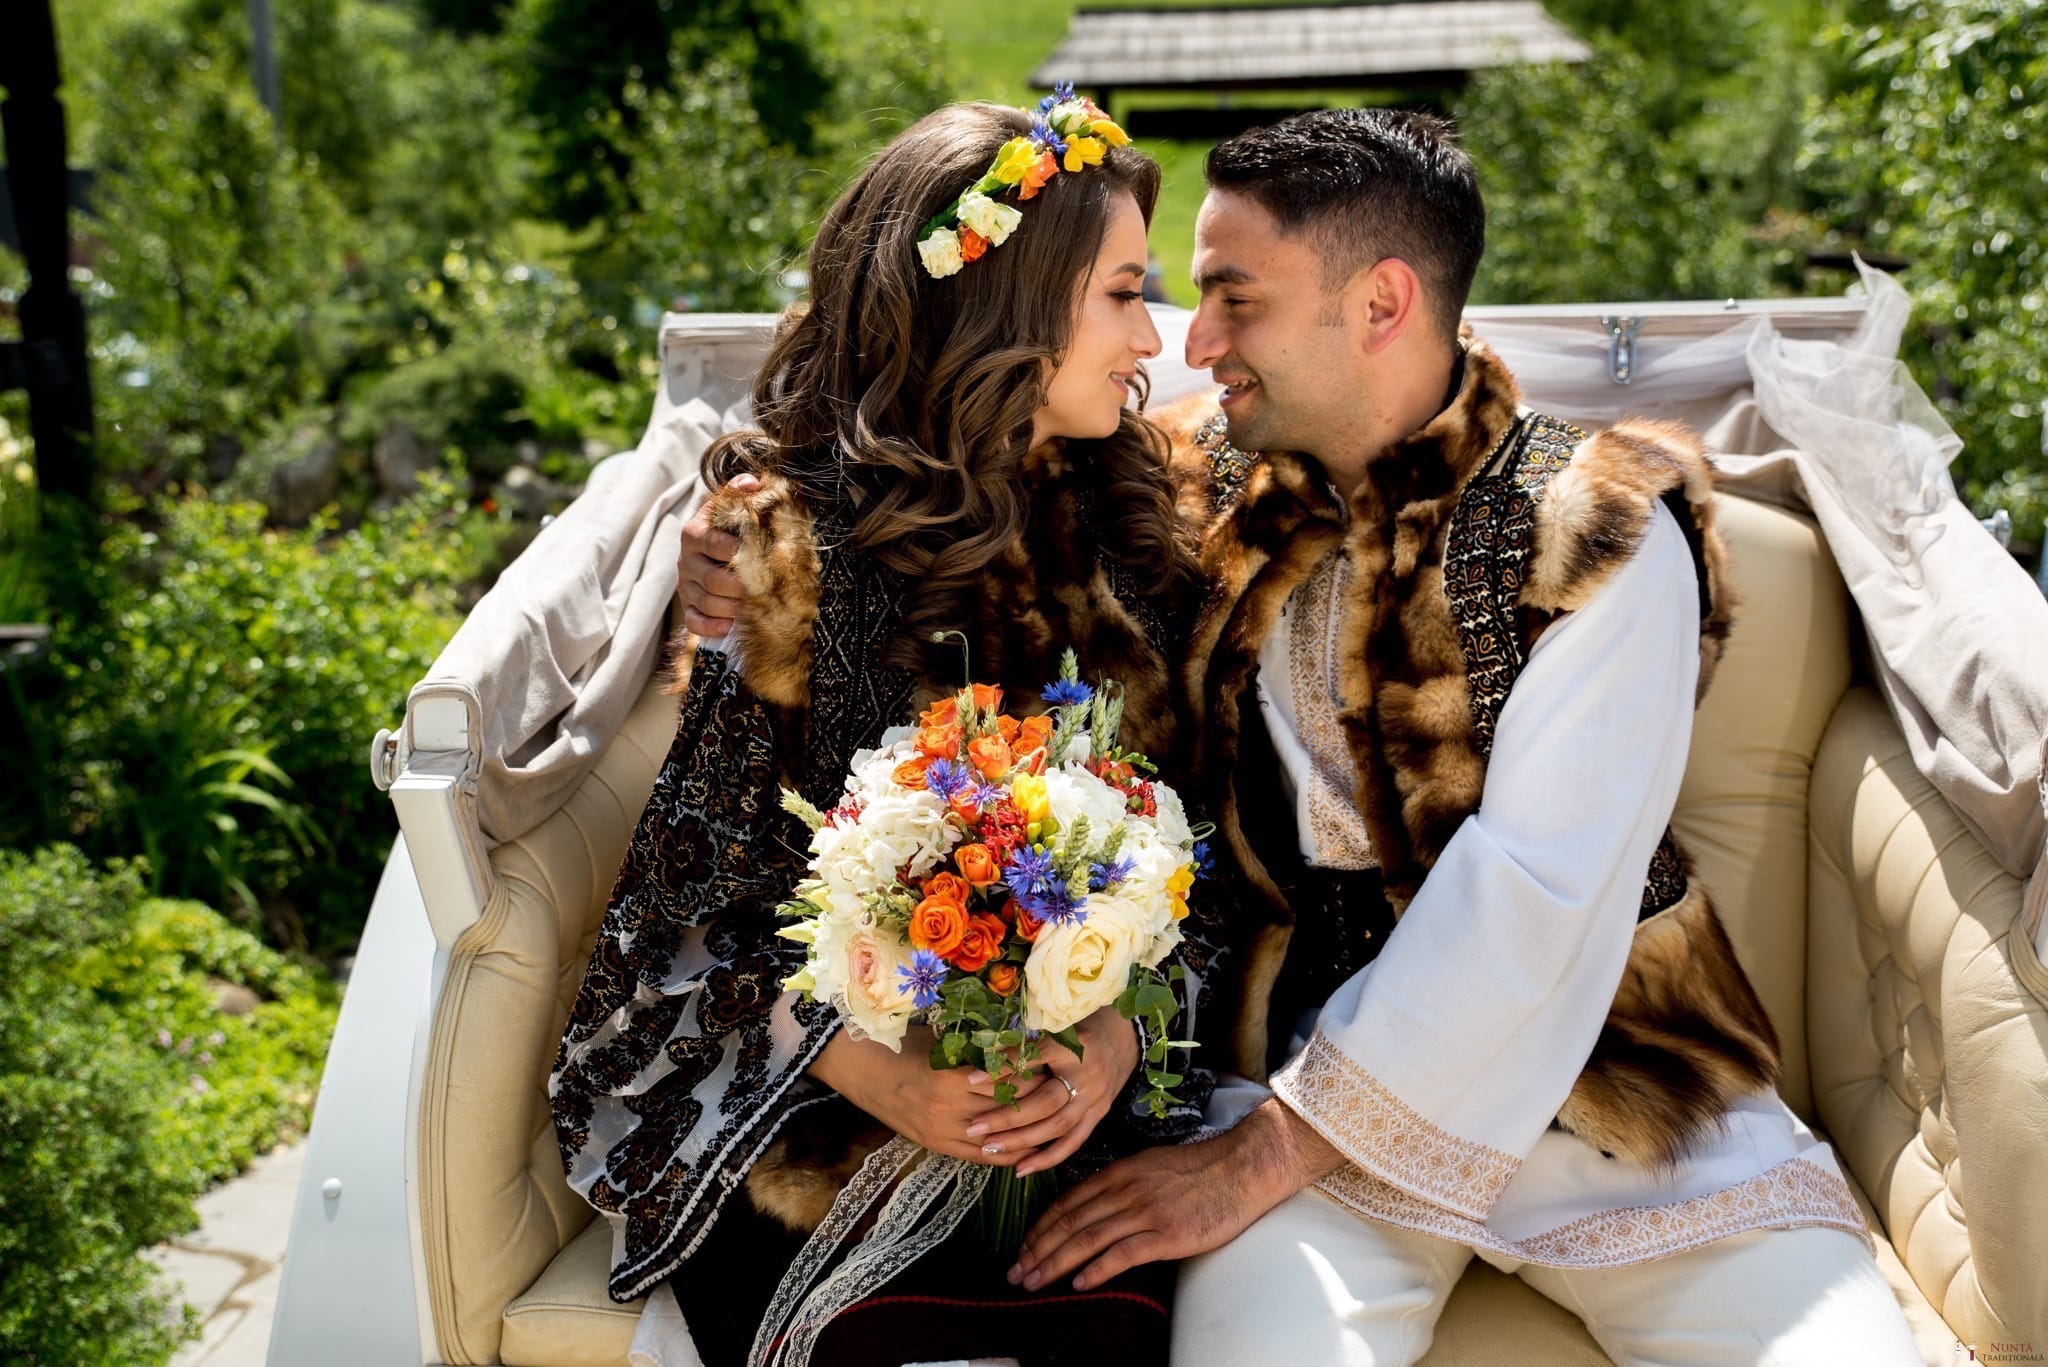 Povești Nunți Tradiționale - Irina și Alexandru, nuntă în Câmpulung Moldovenesc, Suceava 36